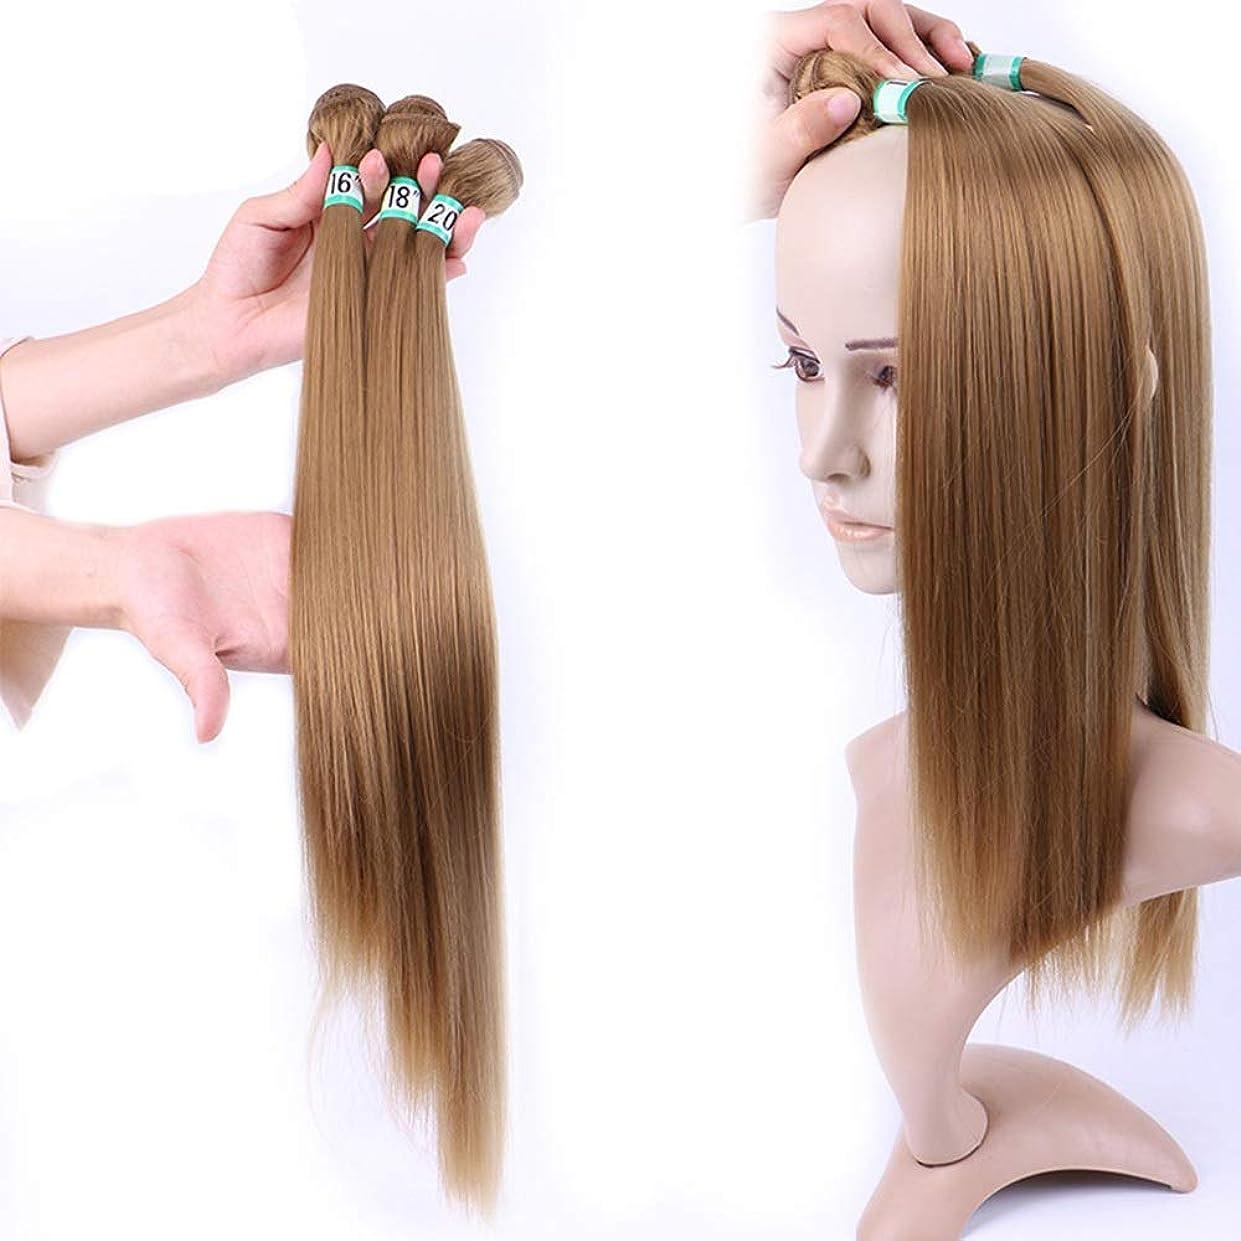 剪断ぎこちないうんHOHYLLYA 女性のシルキーストレートヘア織り3バンドルヘアエクステンション - 27#ブロンド(1バンドル/ 70g)合成髪レースかつらロールプレイングウィッグロング&ショート女性自然 (色 : Blonde, サイズ : 20